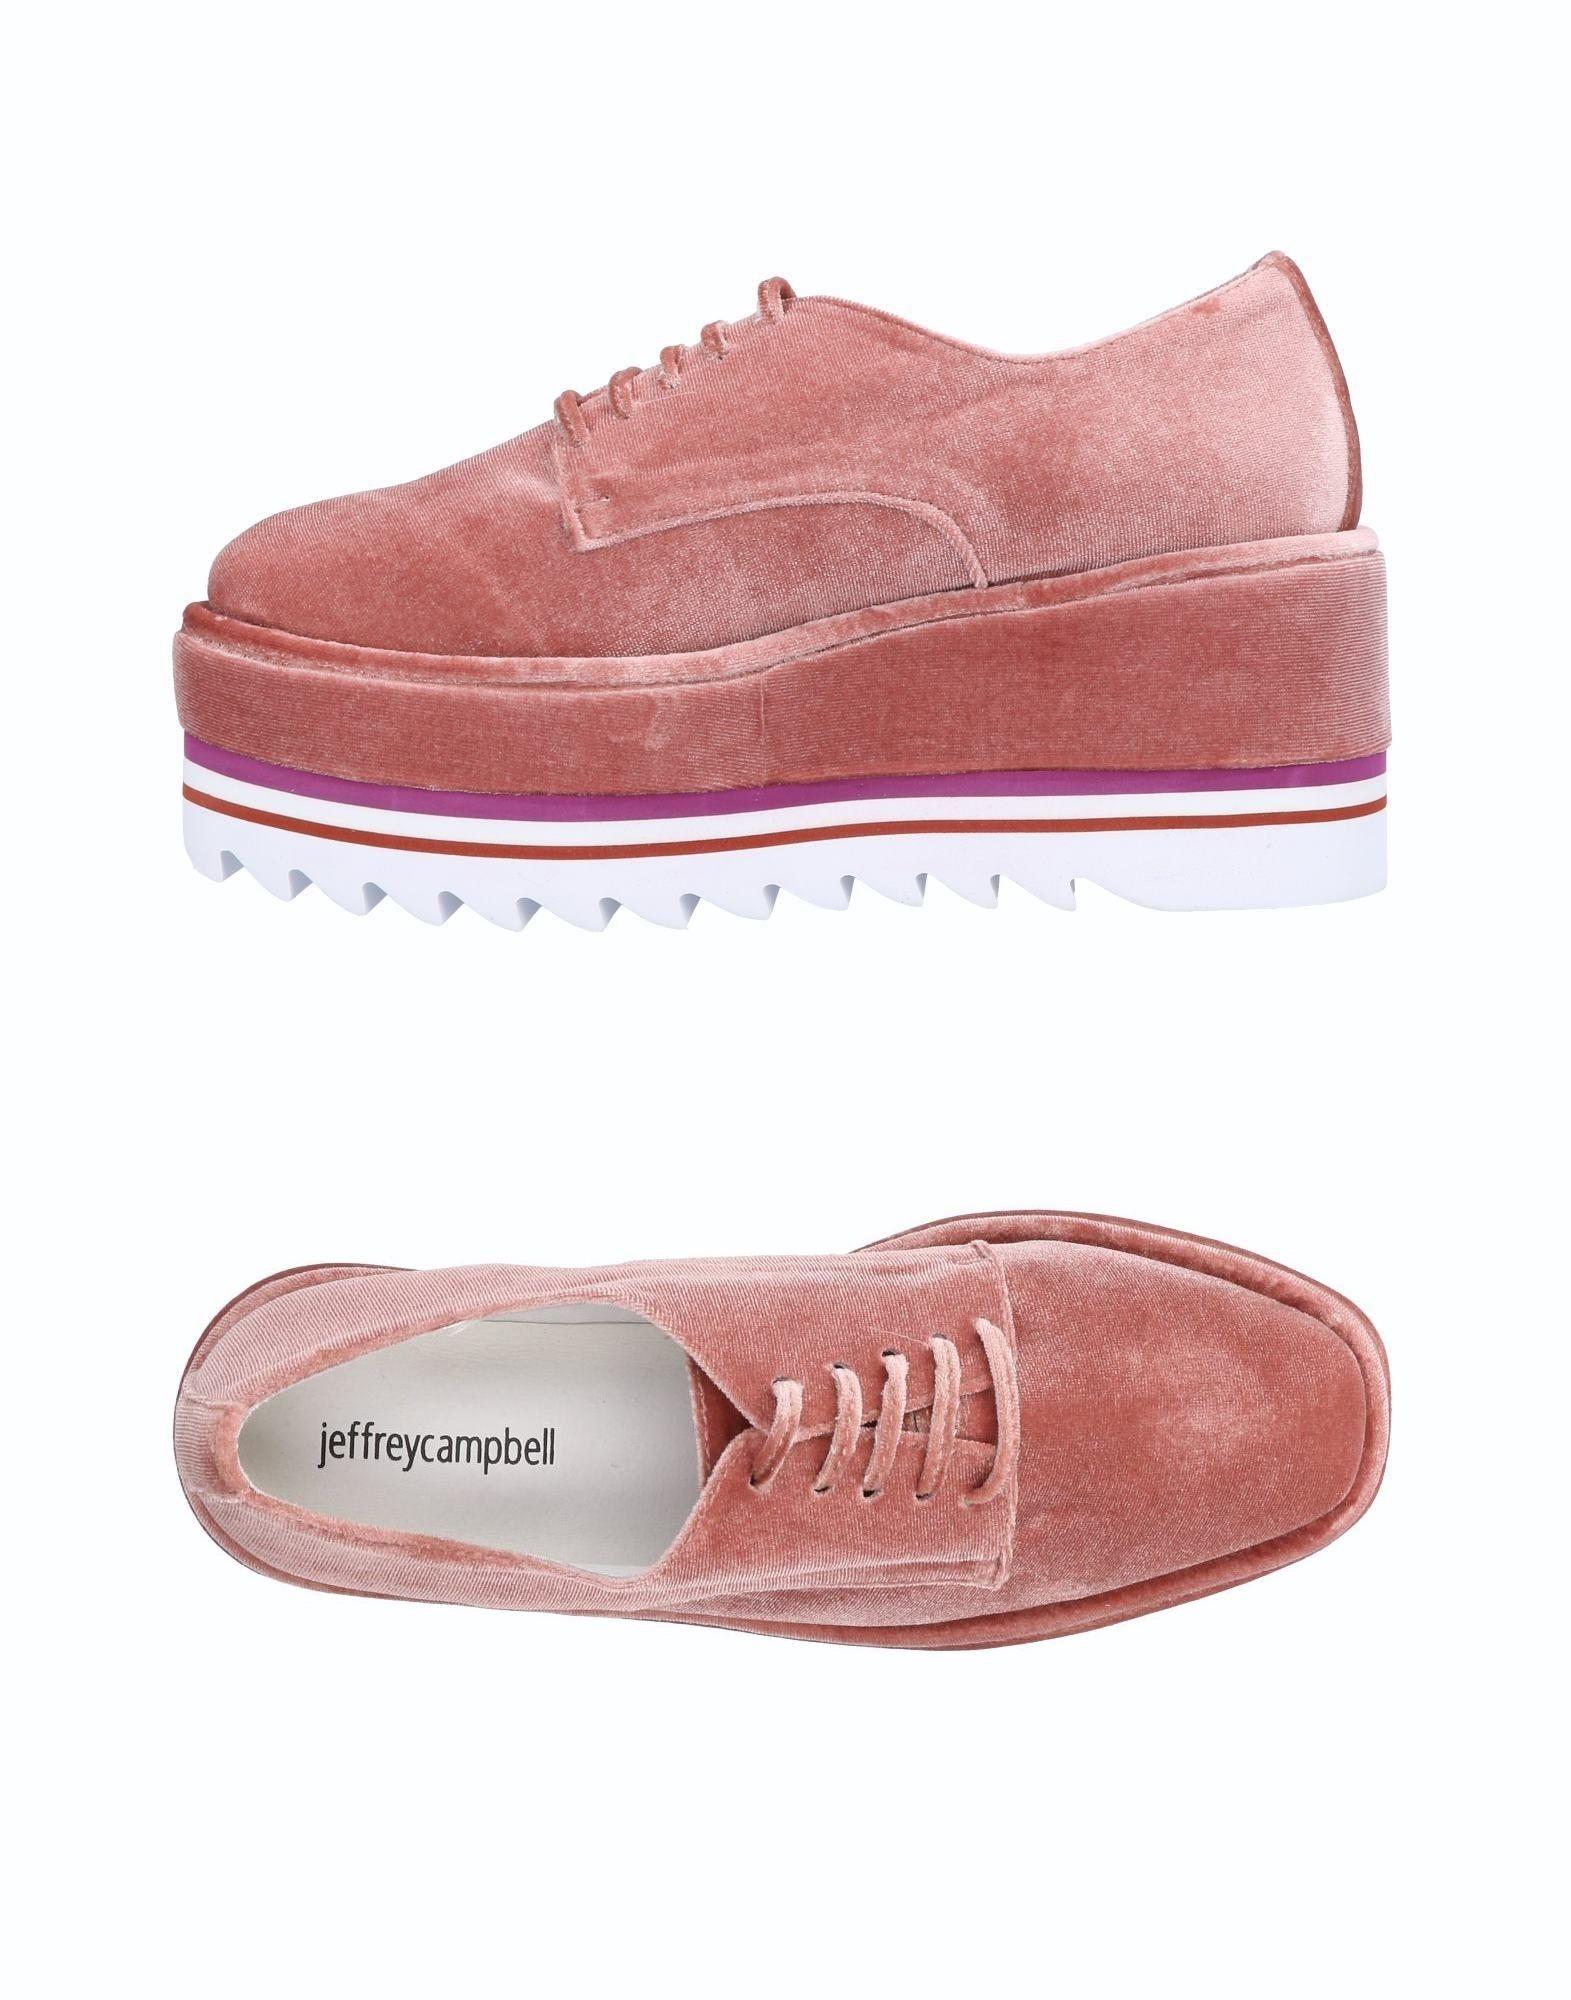 Zapatillas Jeffrey Campbell Mujer - Zapatillas Jeffrey Campbell   Campbell Rosa pastel 9c5a4e